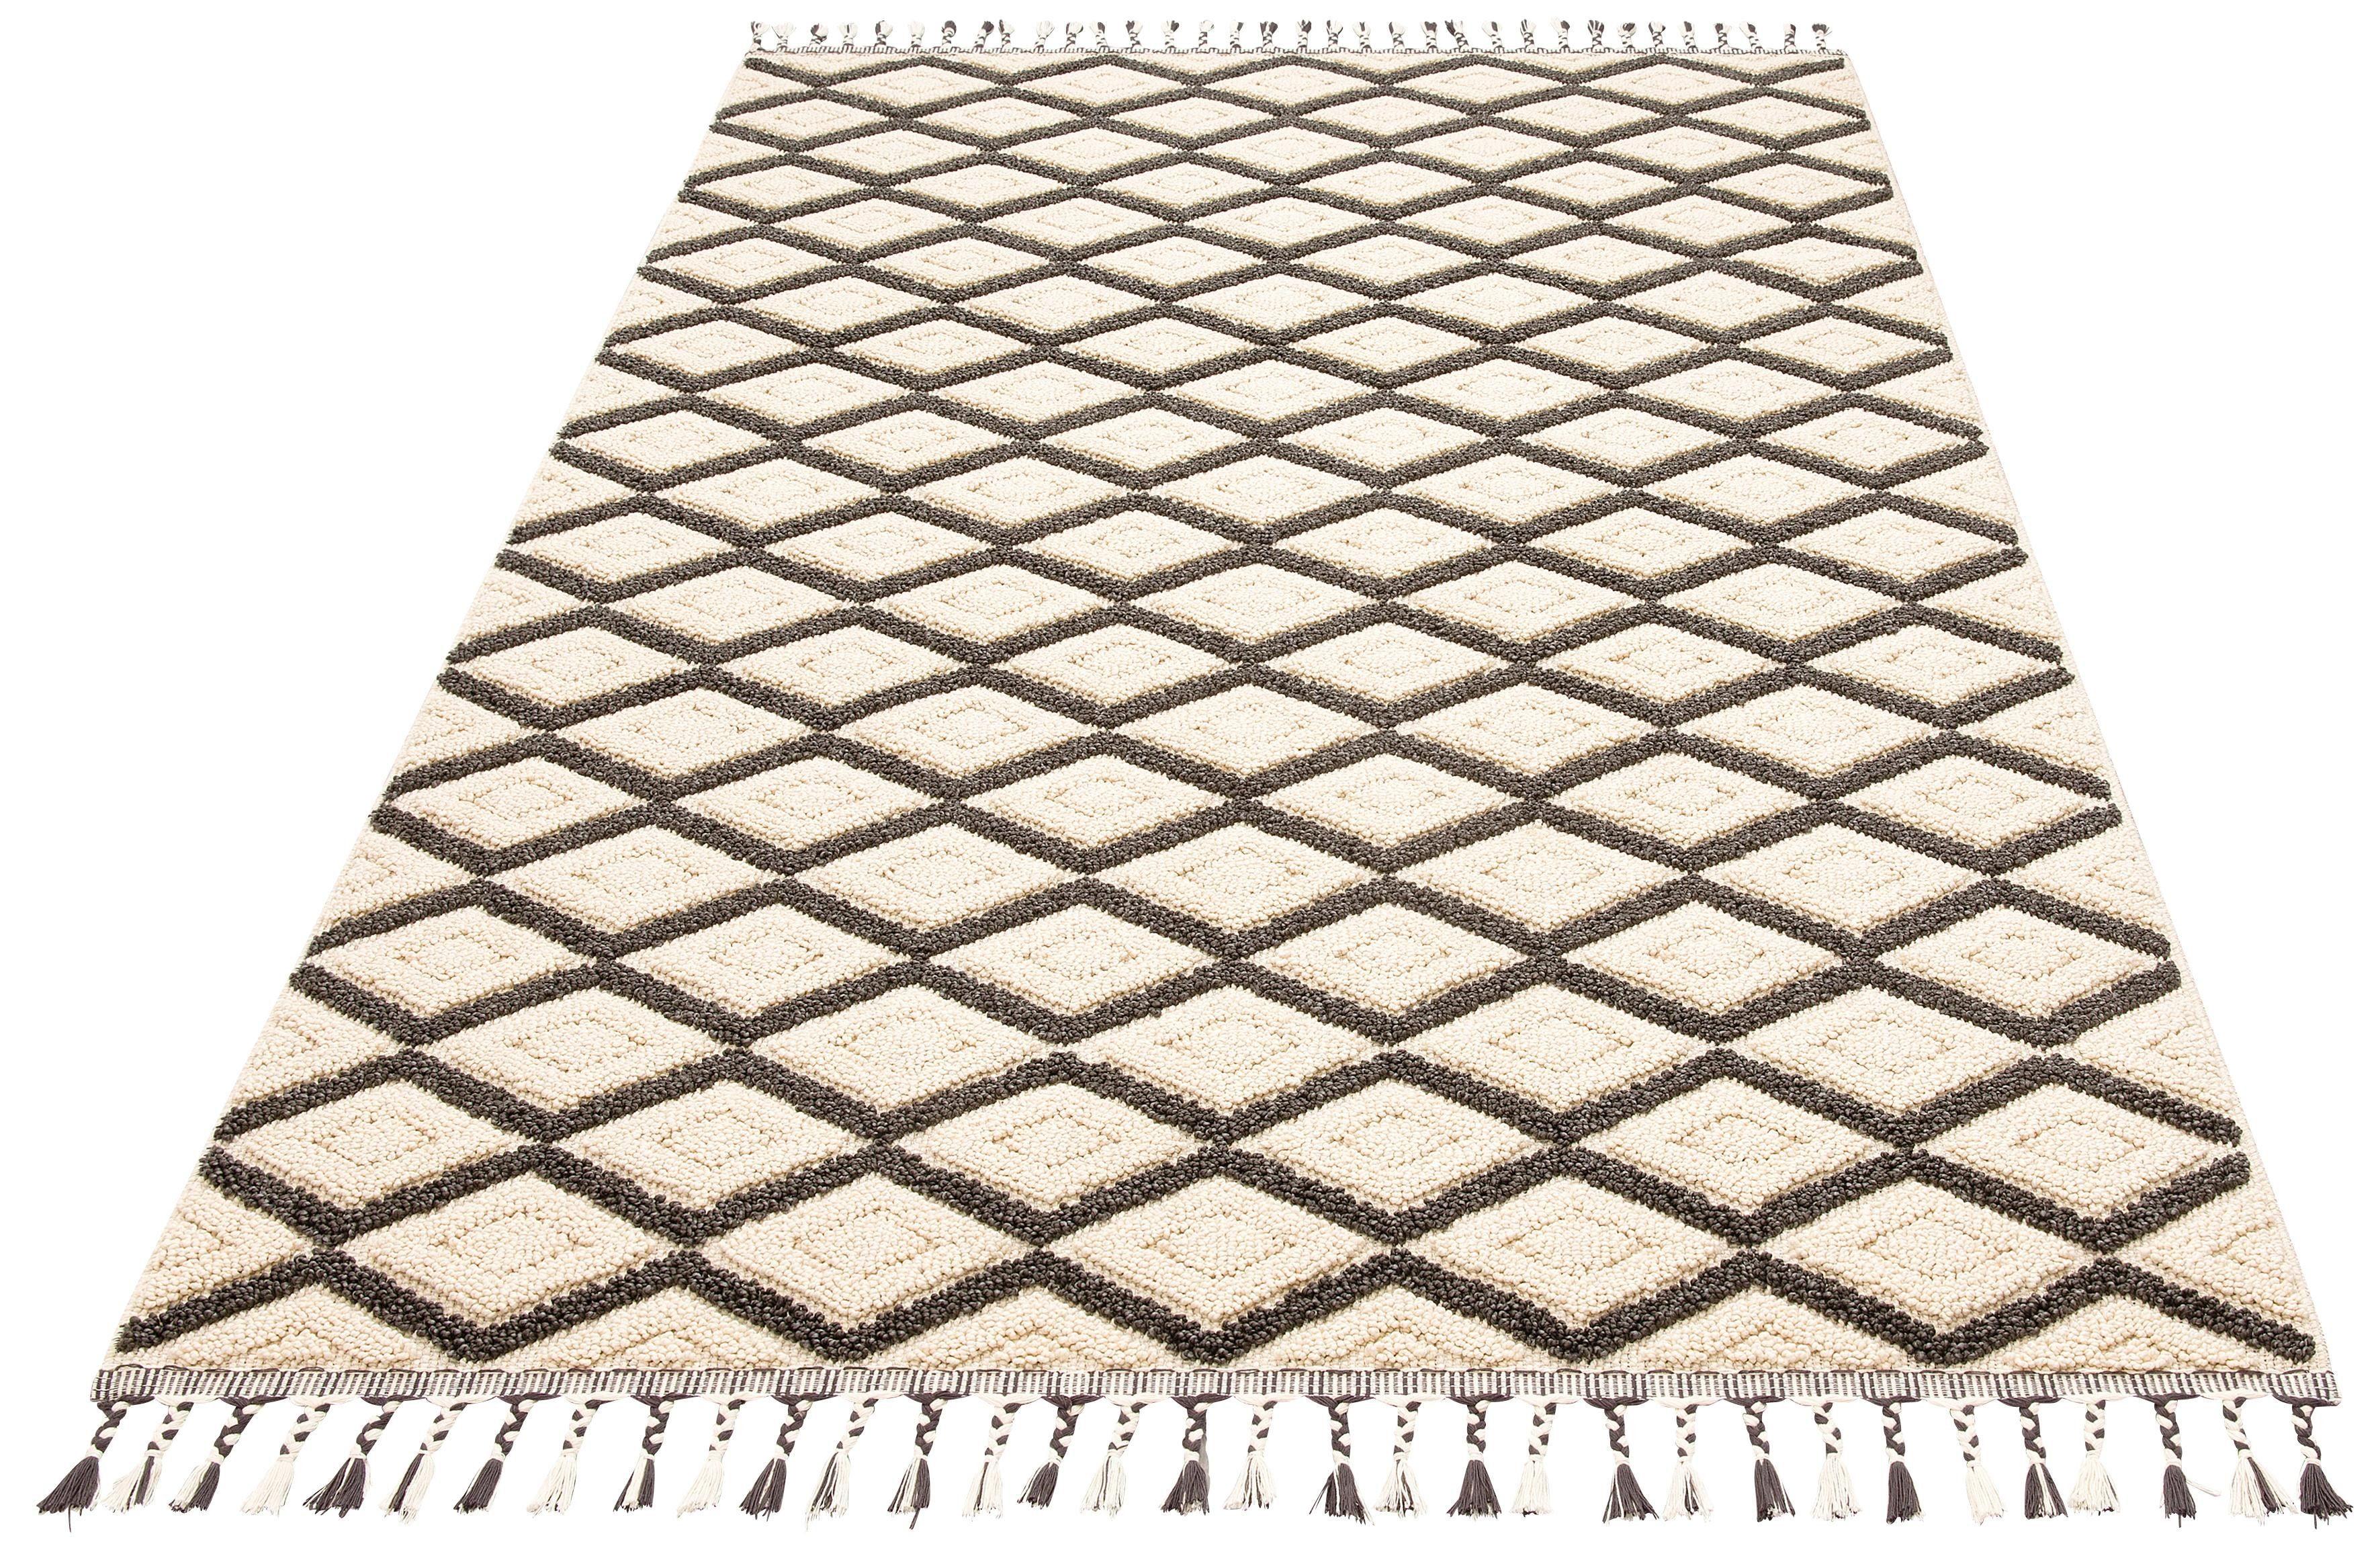 Teppich Hagen Home affaire rechteckig Höhe 18 mm maschinell gewebt